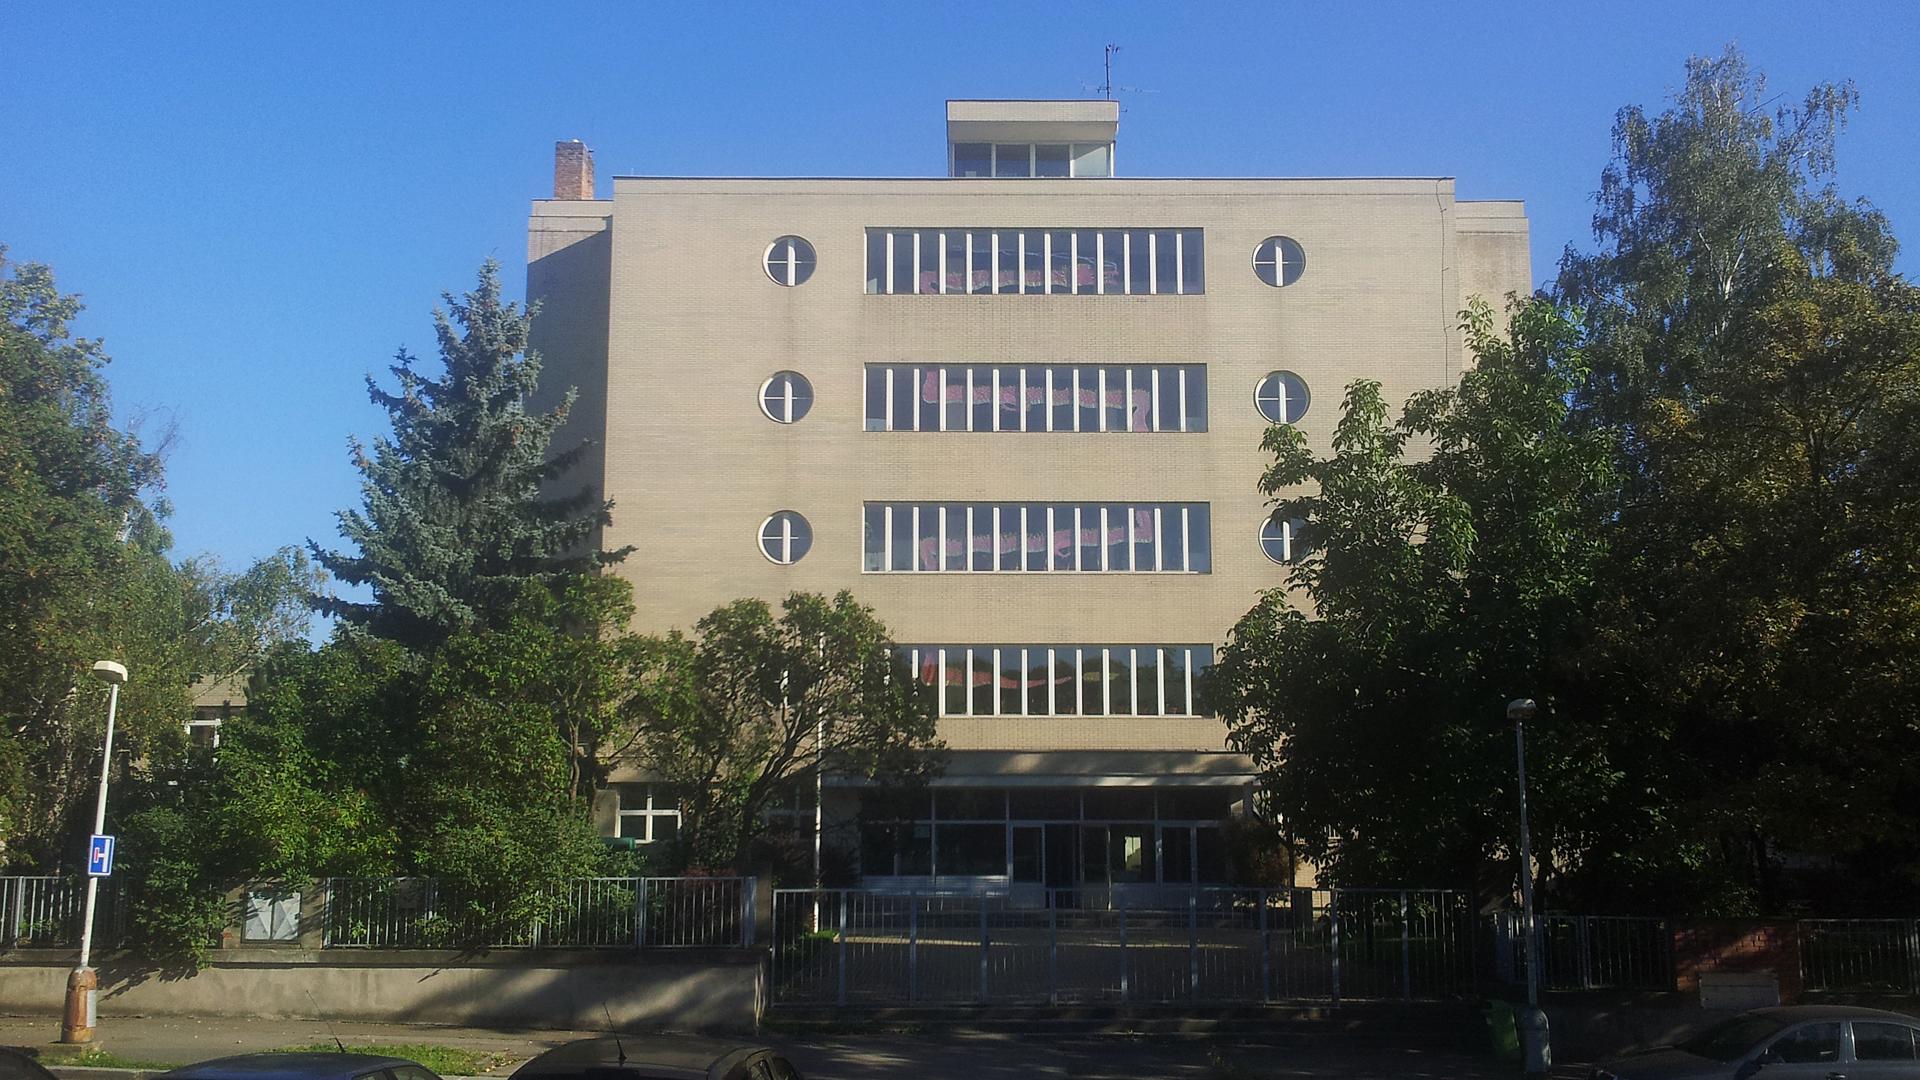 Gymnázium Špitálská ? foto: ProProsek